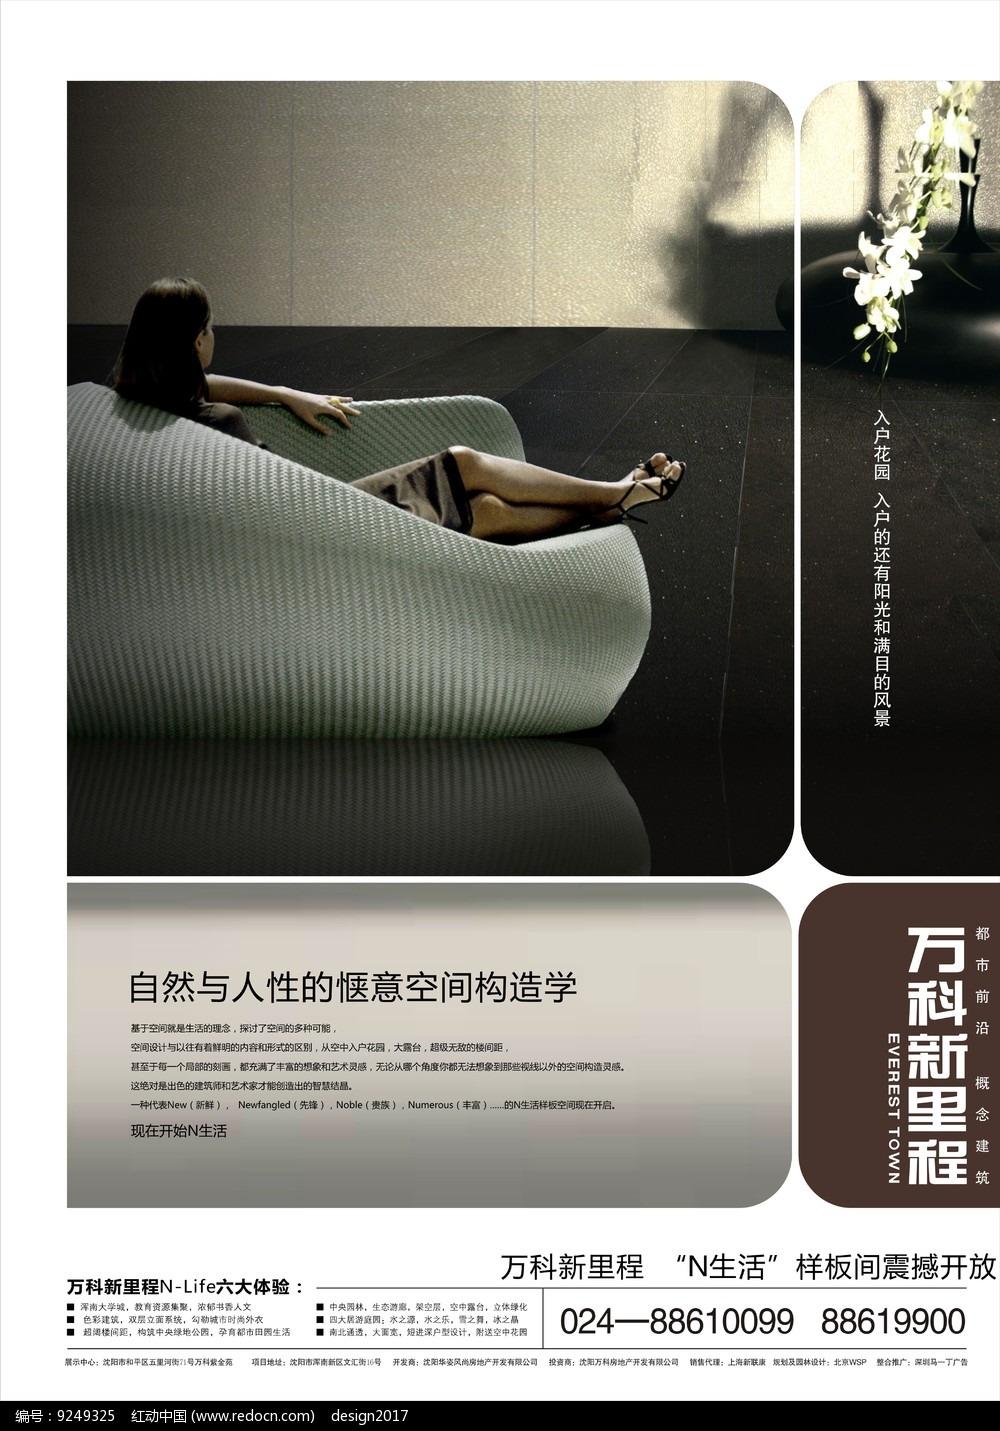 万科新里程房地产海报设计图片